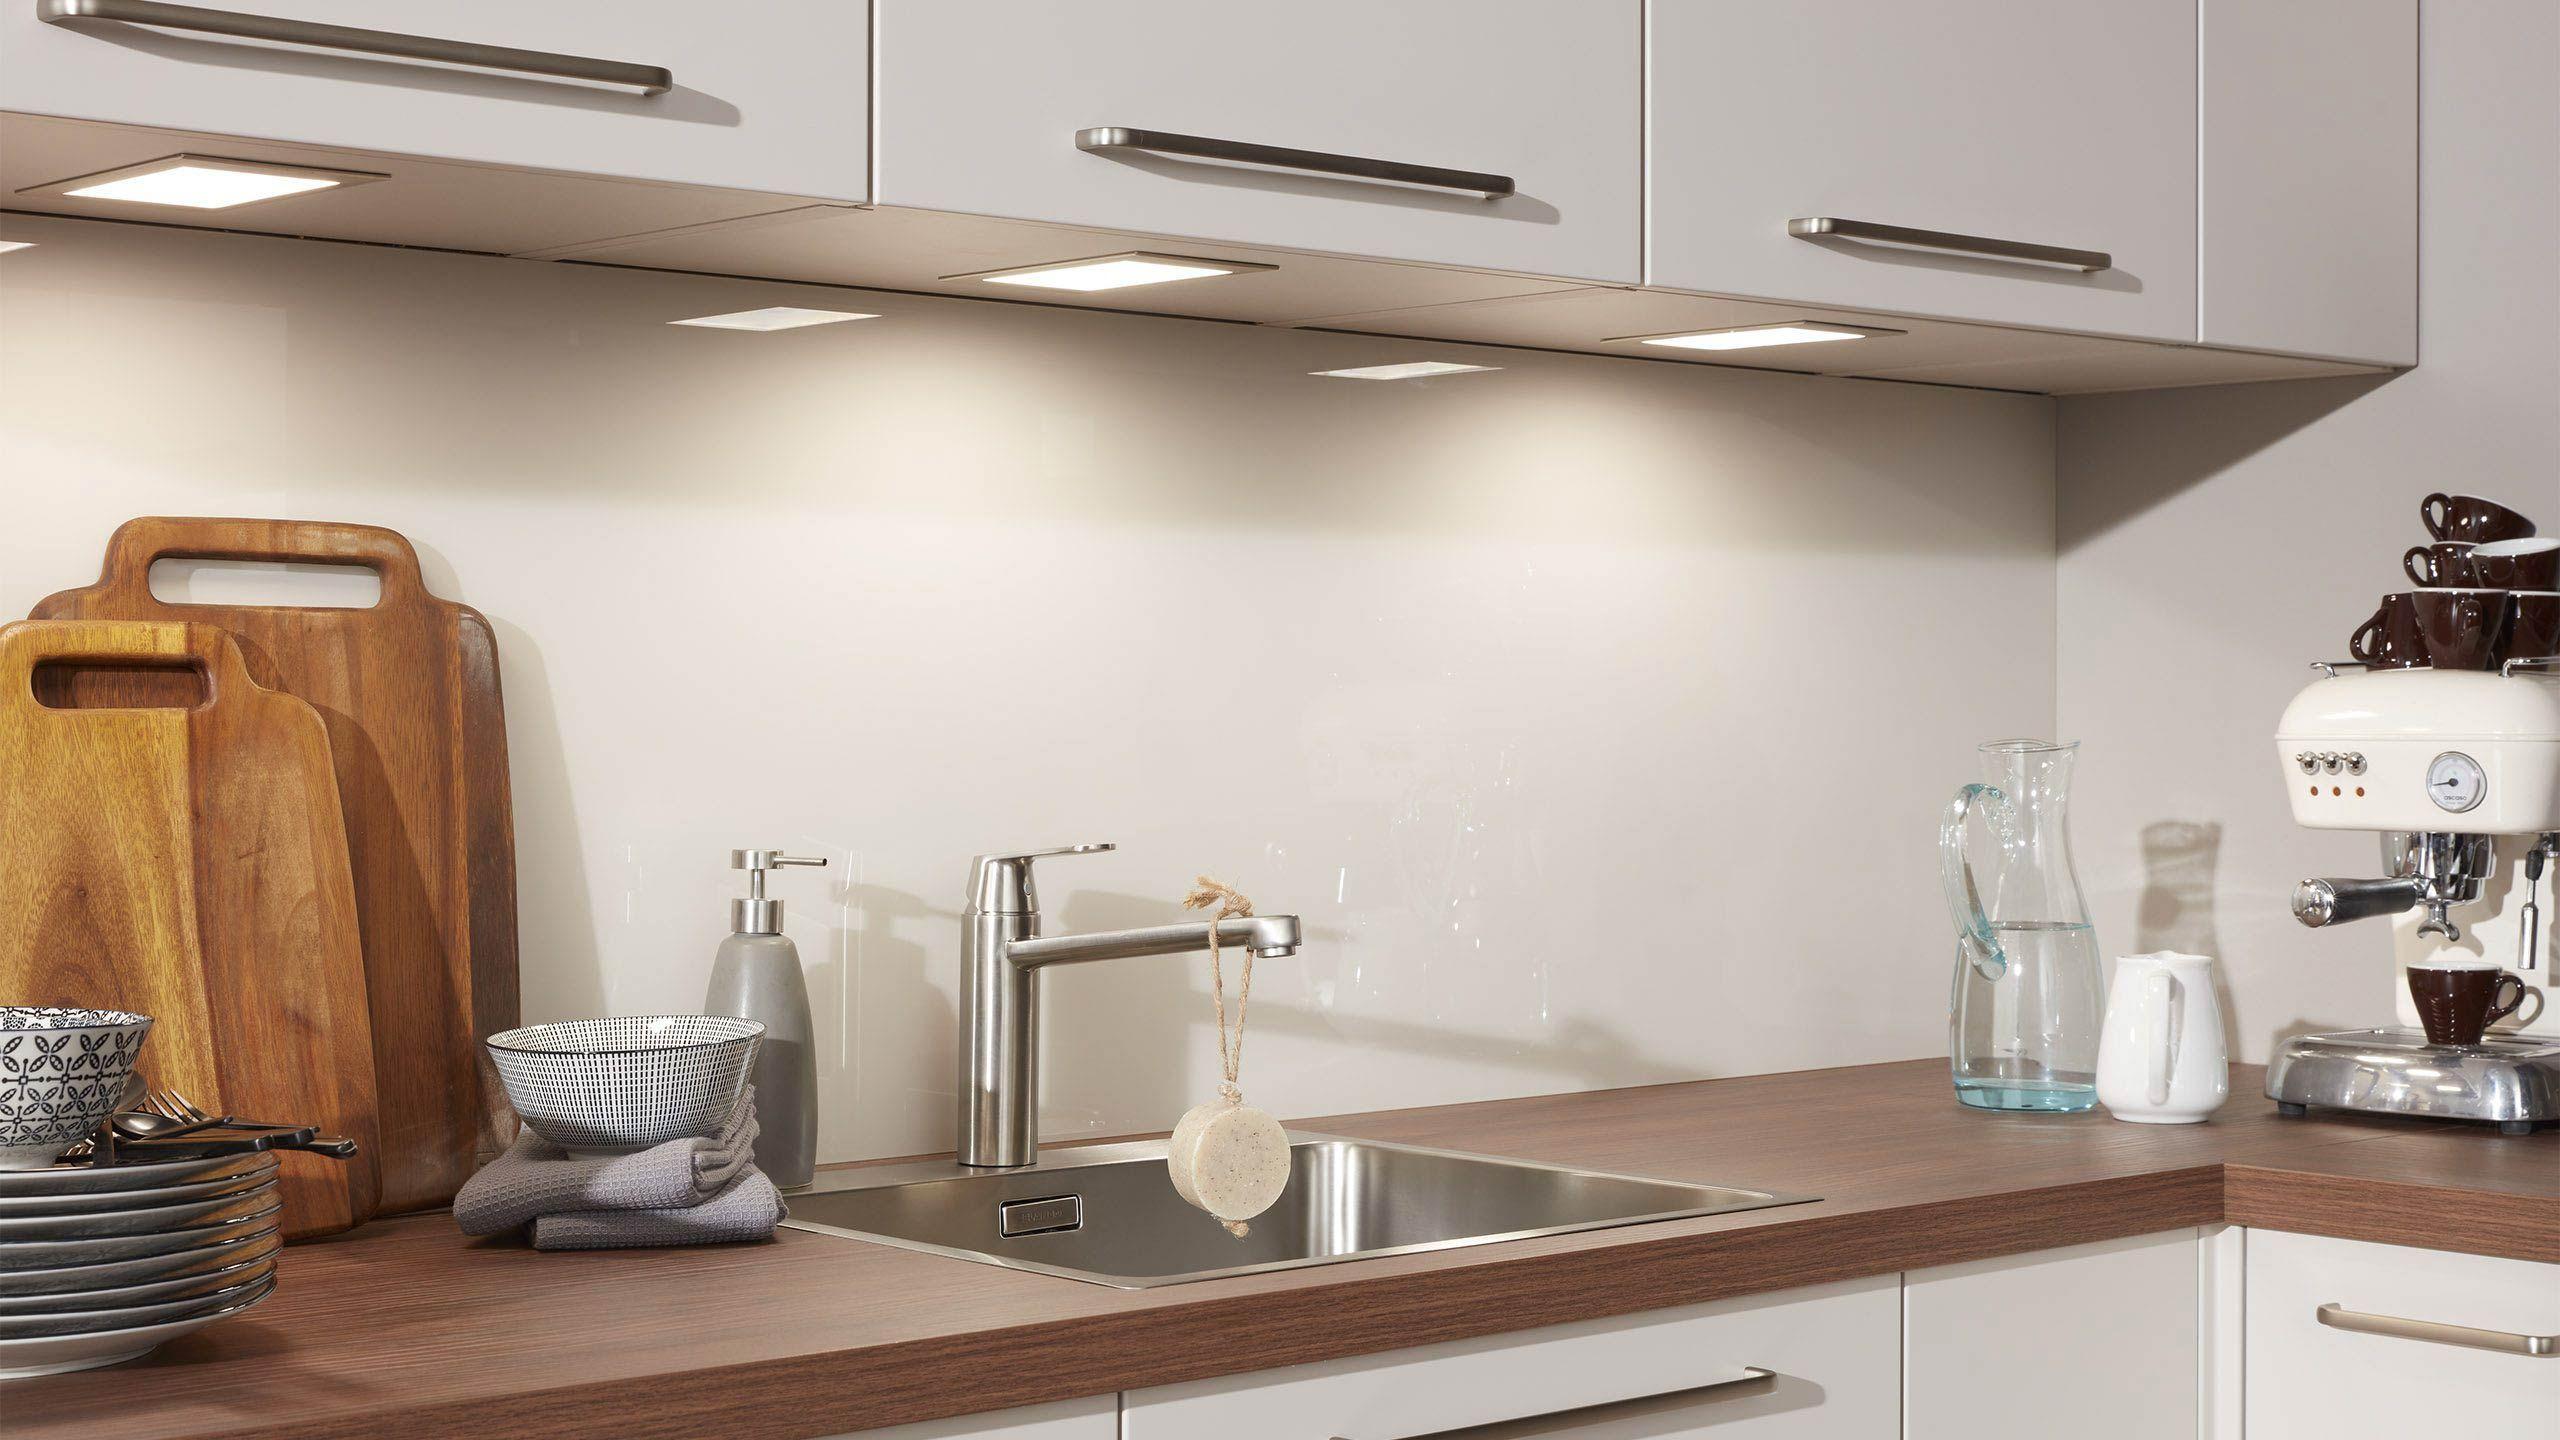 Indirekte Beleuchtung In Kuchen Moderne Kuche Indirekte Beleuchtung Oberschranke